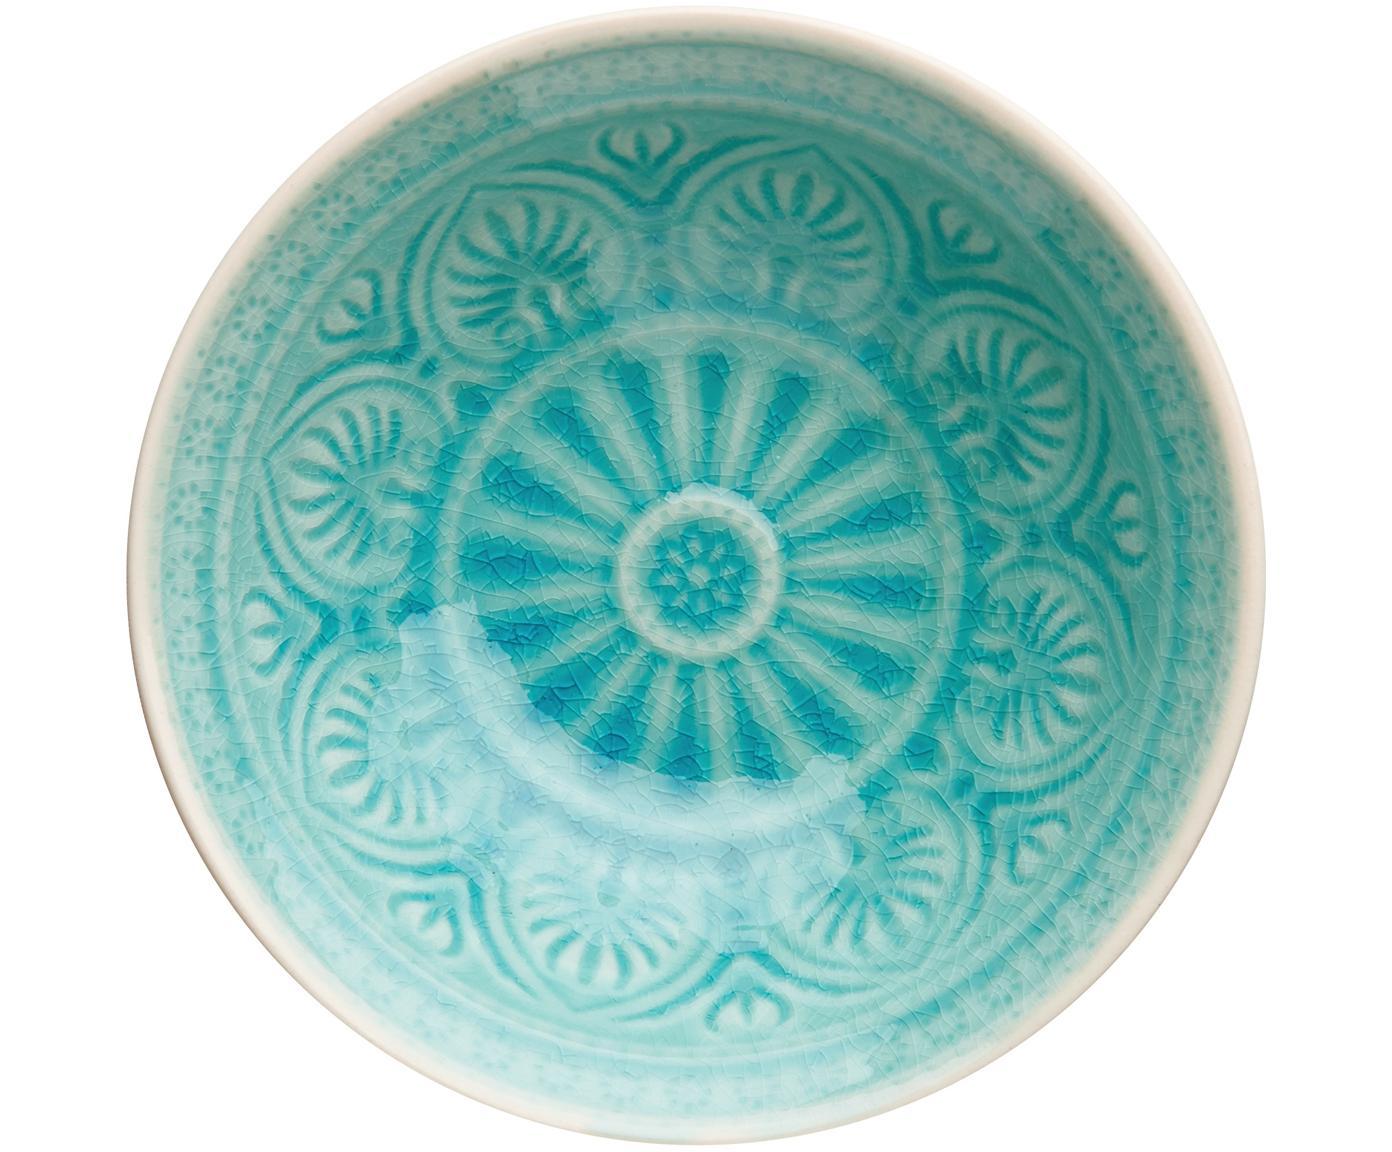 Handbemaltes Schälchen Sumatra in Türkis, Steingut, Türkis, Ø 14 cm